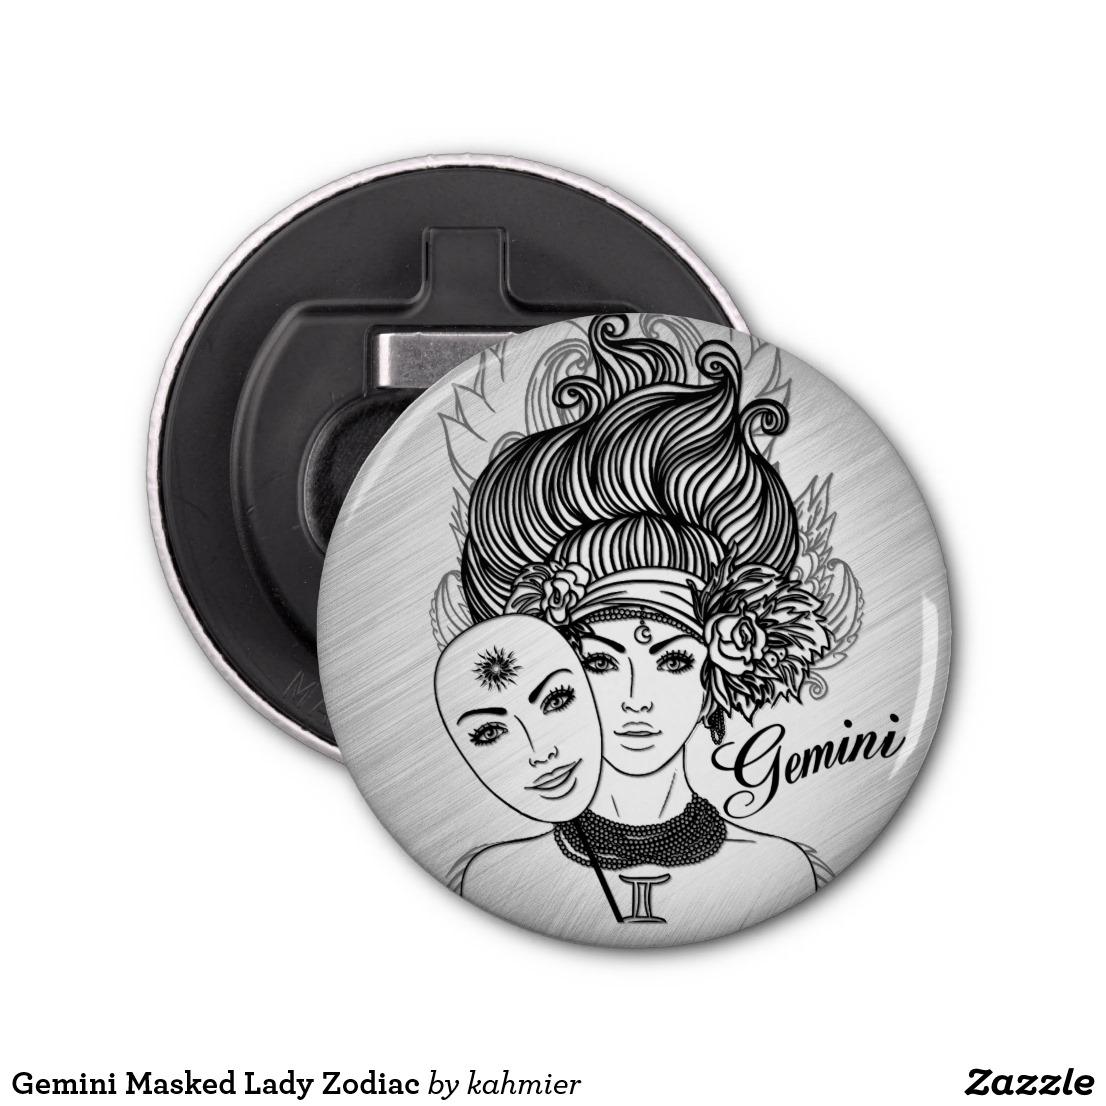 Gemini Masked Lady Zodiac Bottle Opener